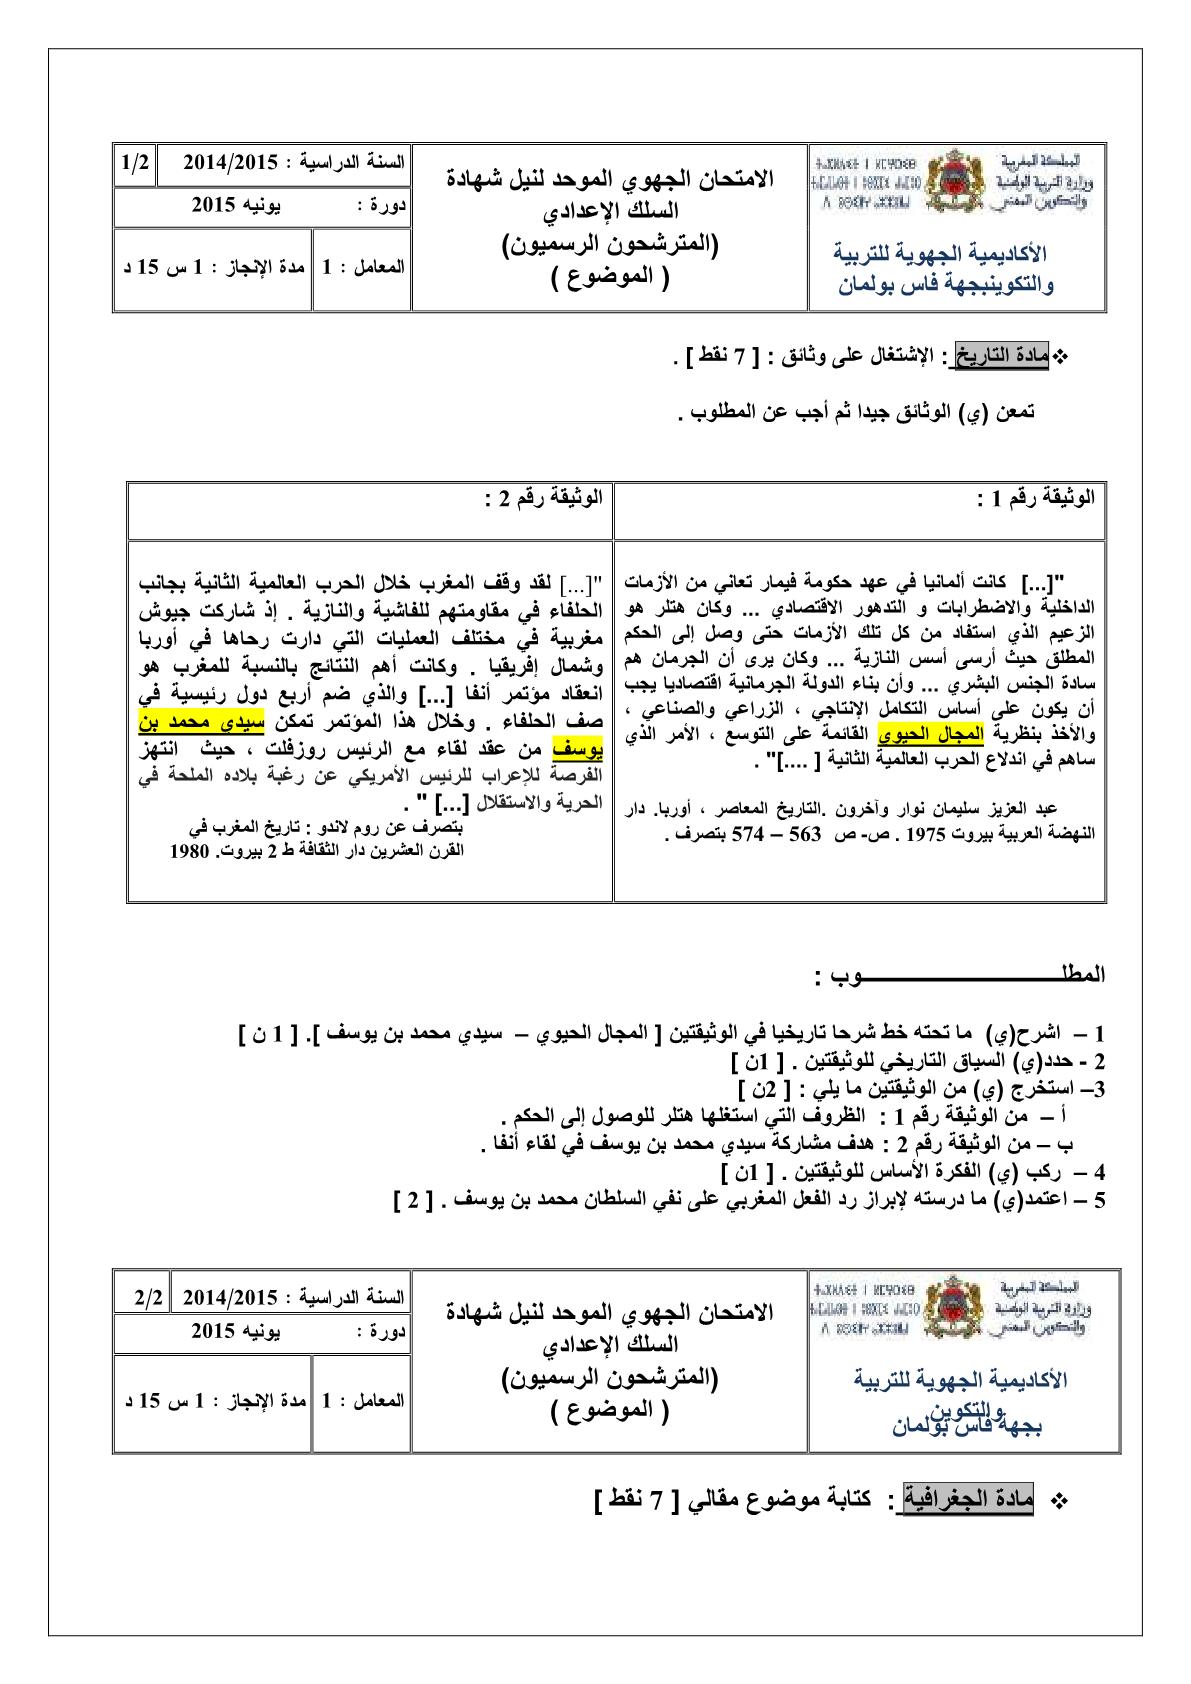 الامتحان الجهوي في الاجتماعيات الثالثة اعدادي 2015 جهة فاس مكناس